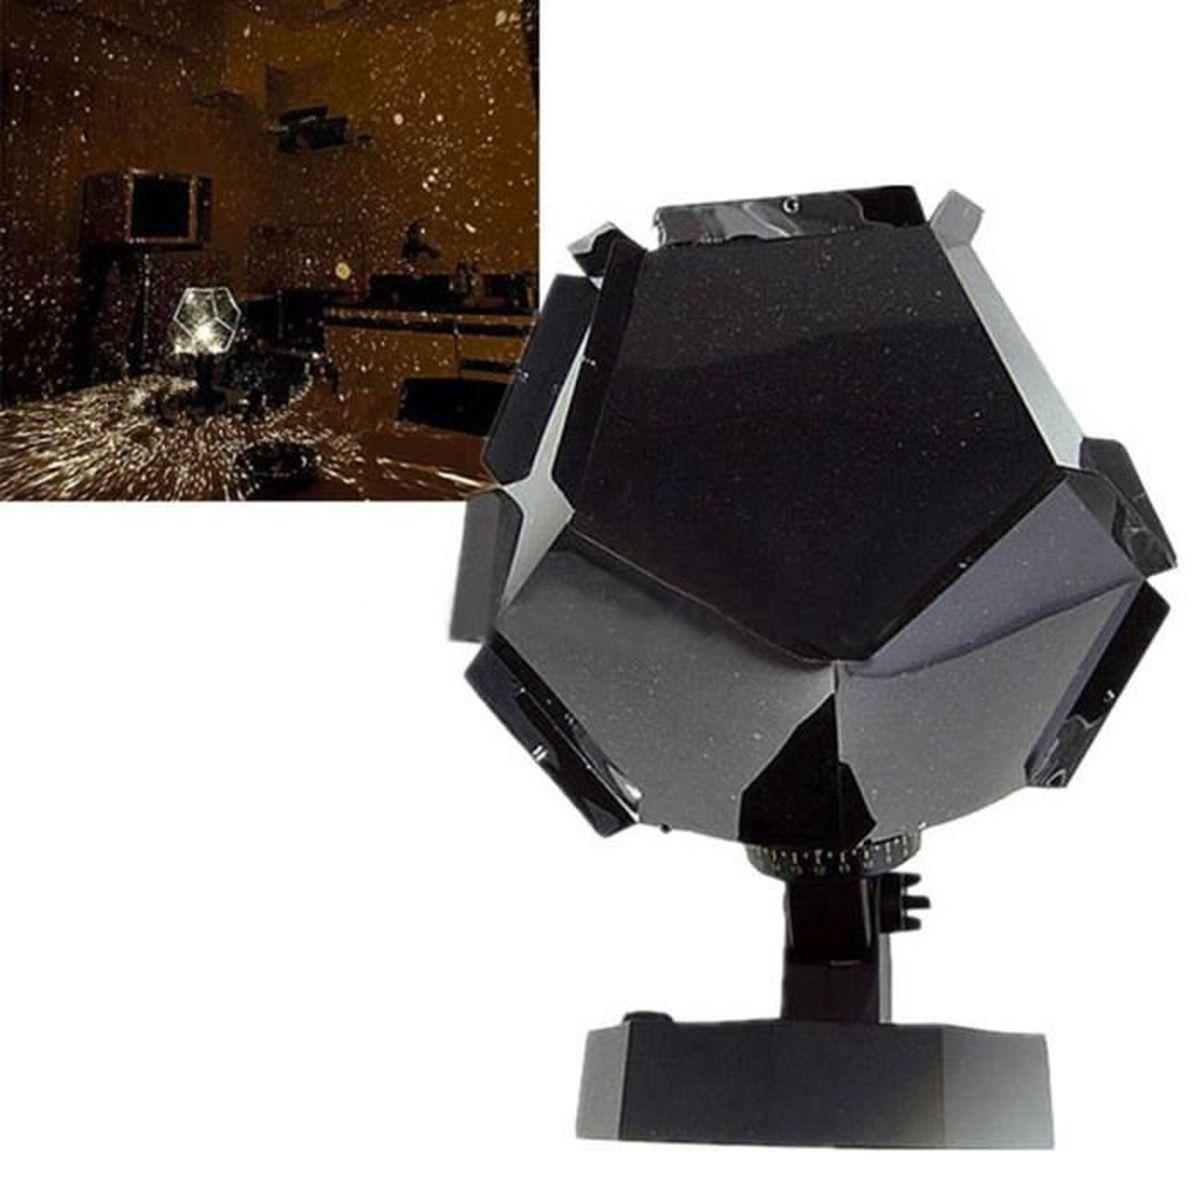 Projecteur ciel nuit lampe etoile star galaxy cosmos veilleuse led d cor achat vente for Projecteur etoile exterieur